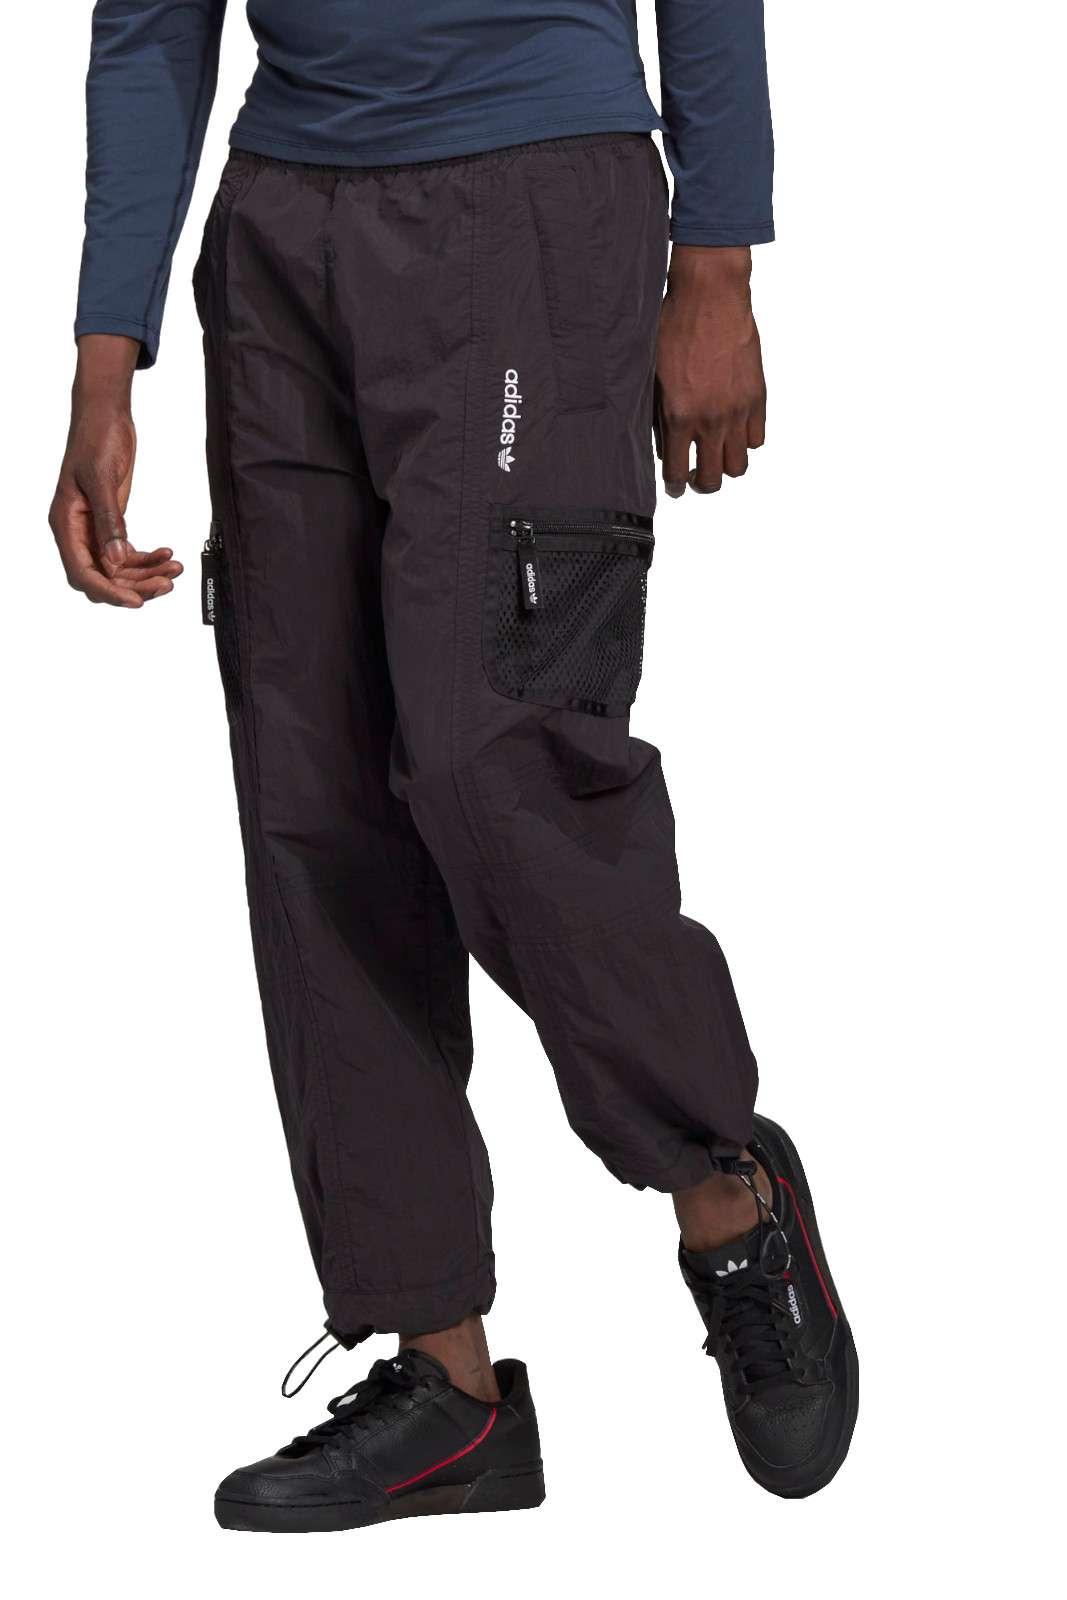 Un pantalone cargo da uomo quello proposto dalla new collection Adidas. Caratterizzato dalle tasche cargo che lo rendono pratico e confortevole. Da abbinare ad una t shirt e una sneaker è il massimo.